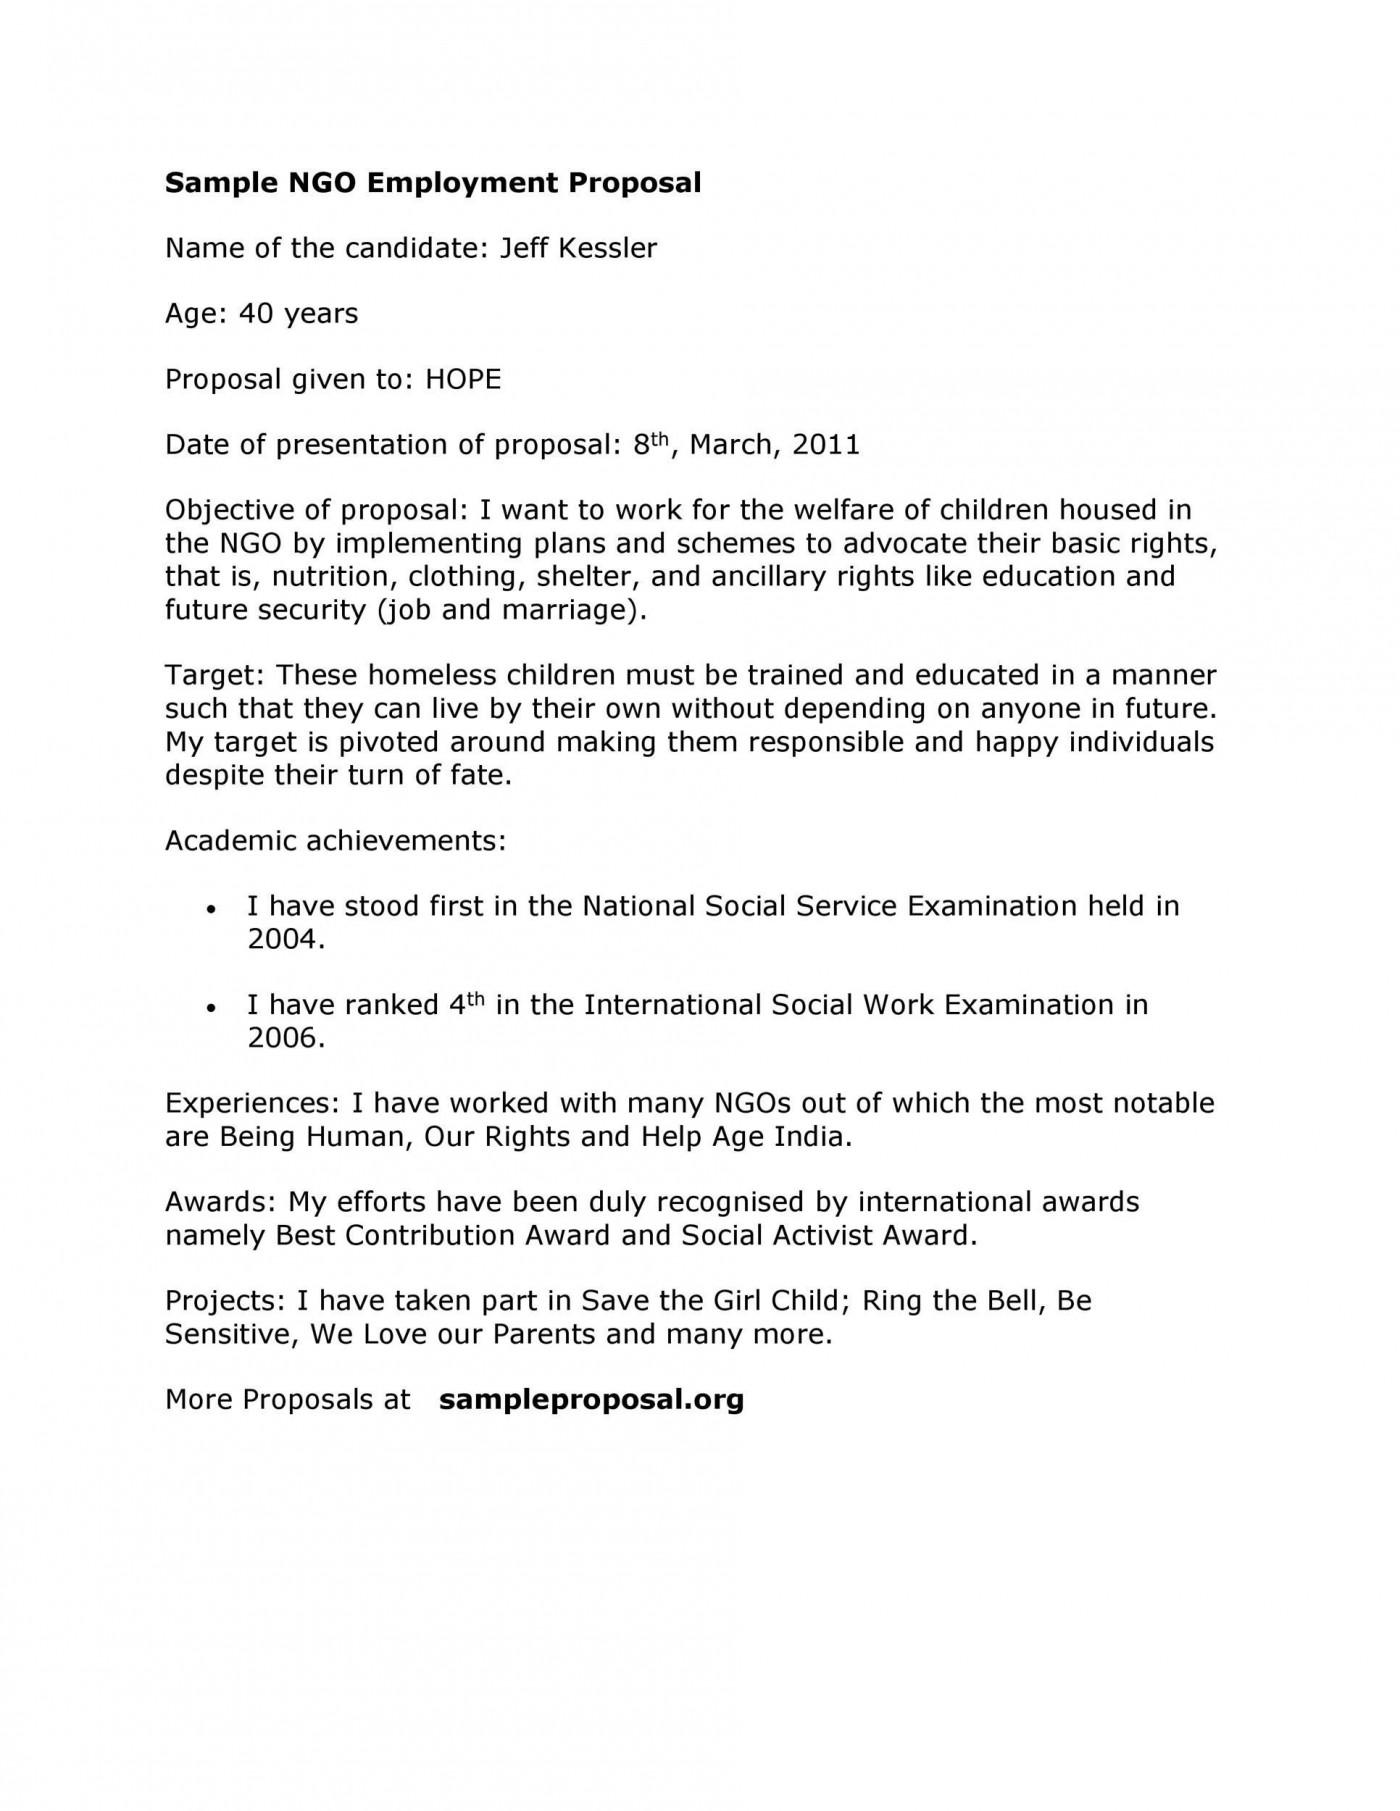 003 Surprising Writing A Job Proposal Template Sample Design 1400